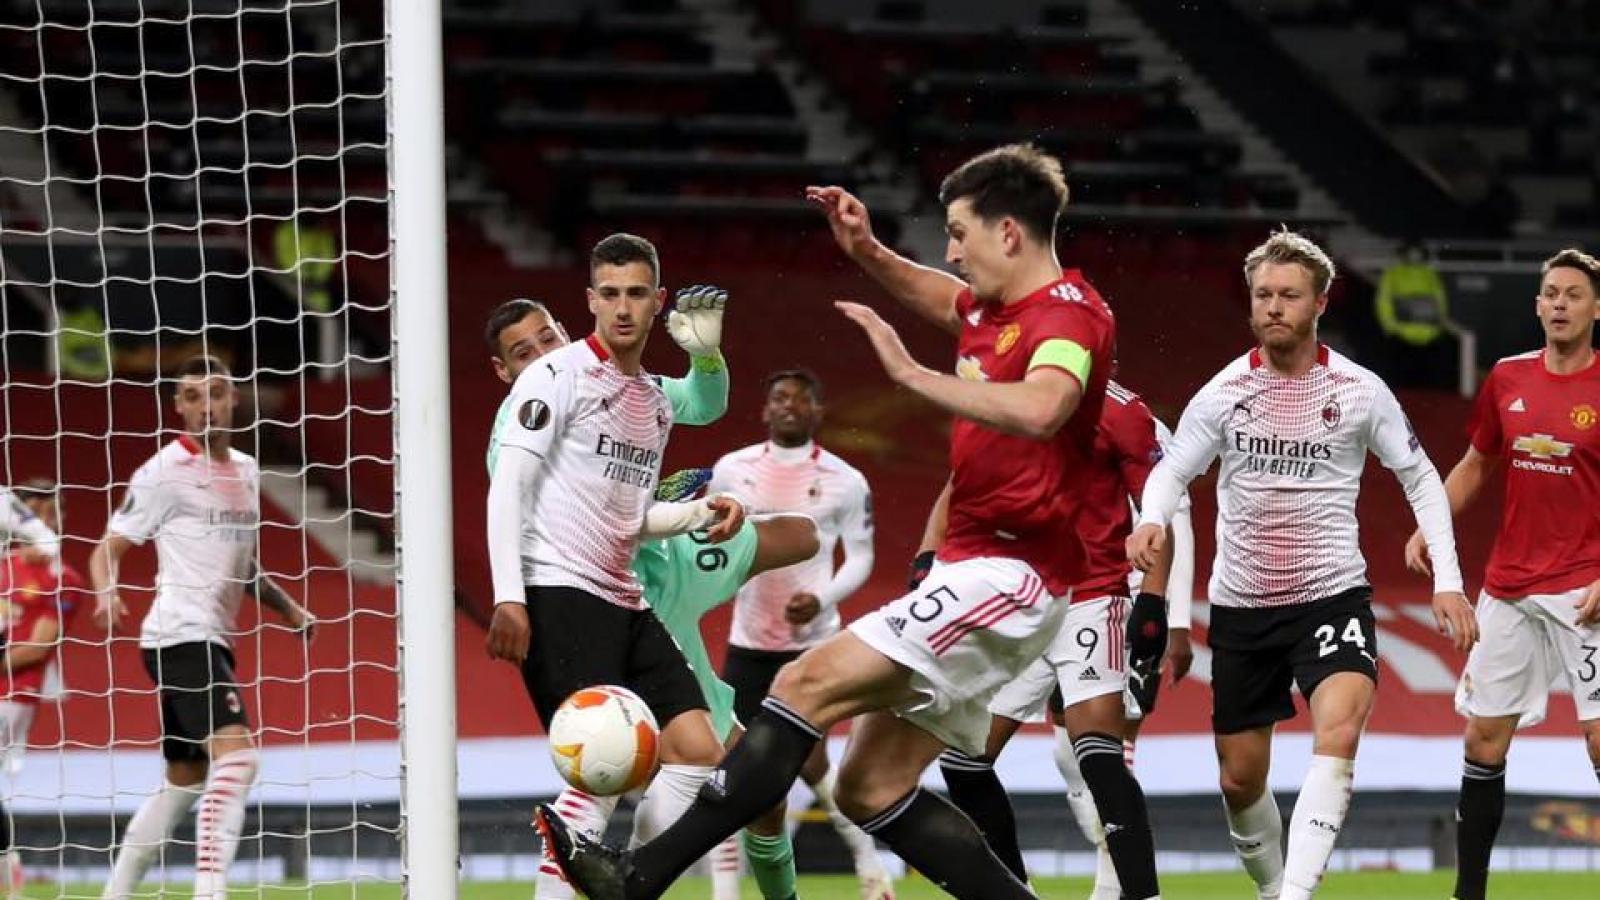 Thủng lưới phút bù giờ, MU đánh rơi chiến thắng trước AC Milan